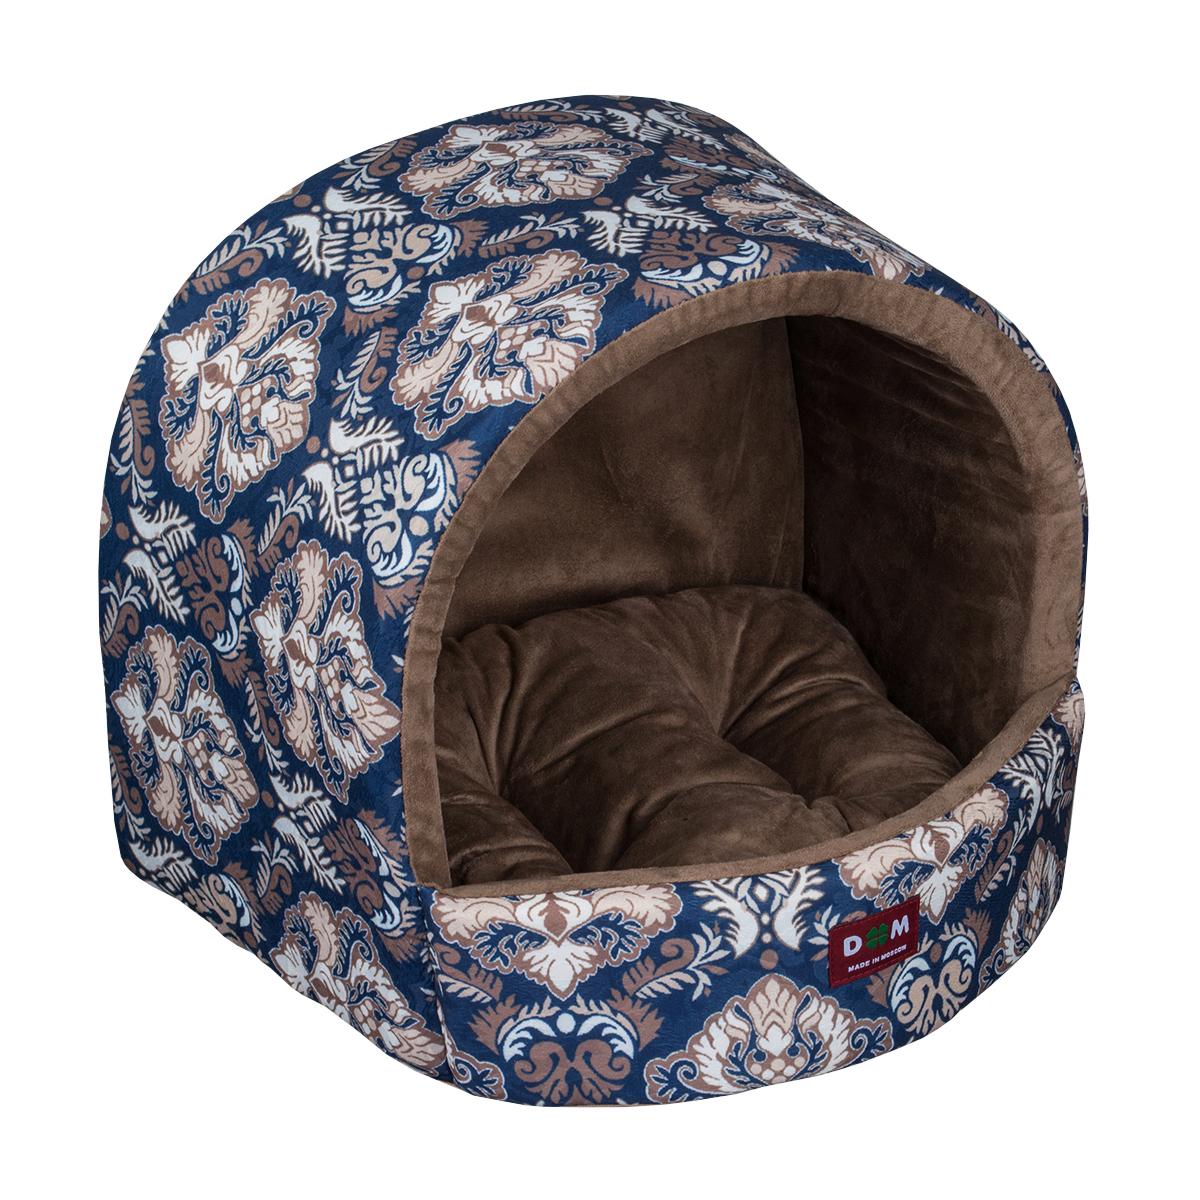 Домик для животных Dogmoda Барон. DM-160273DM-160273Домик защитит вашего питомца от сквозняков, и создаст атмосферу защищенности, отдыхая в нем, ваша собачка будет испытывать настоящее блаженство. внутри домика мягкое покрытие из качественной ткани. Приобретая данное изделие, вы можете быть уверены, что теперь сон вашего любимца будет крепким и спокойным.